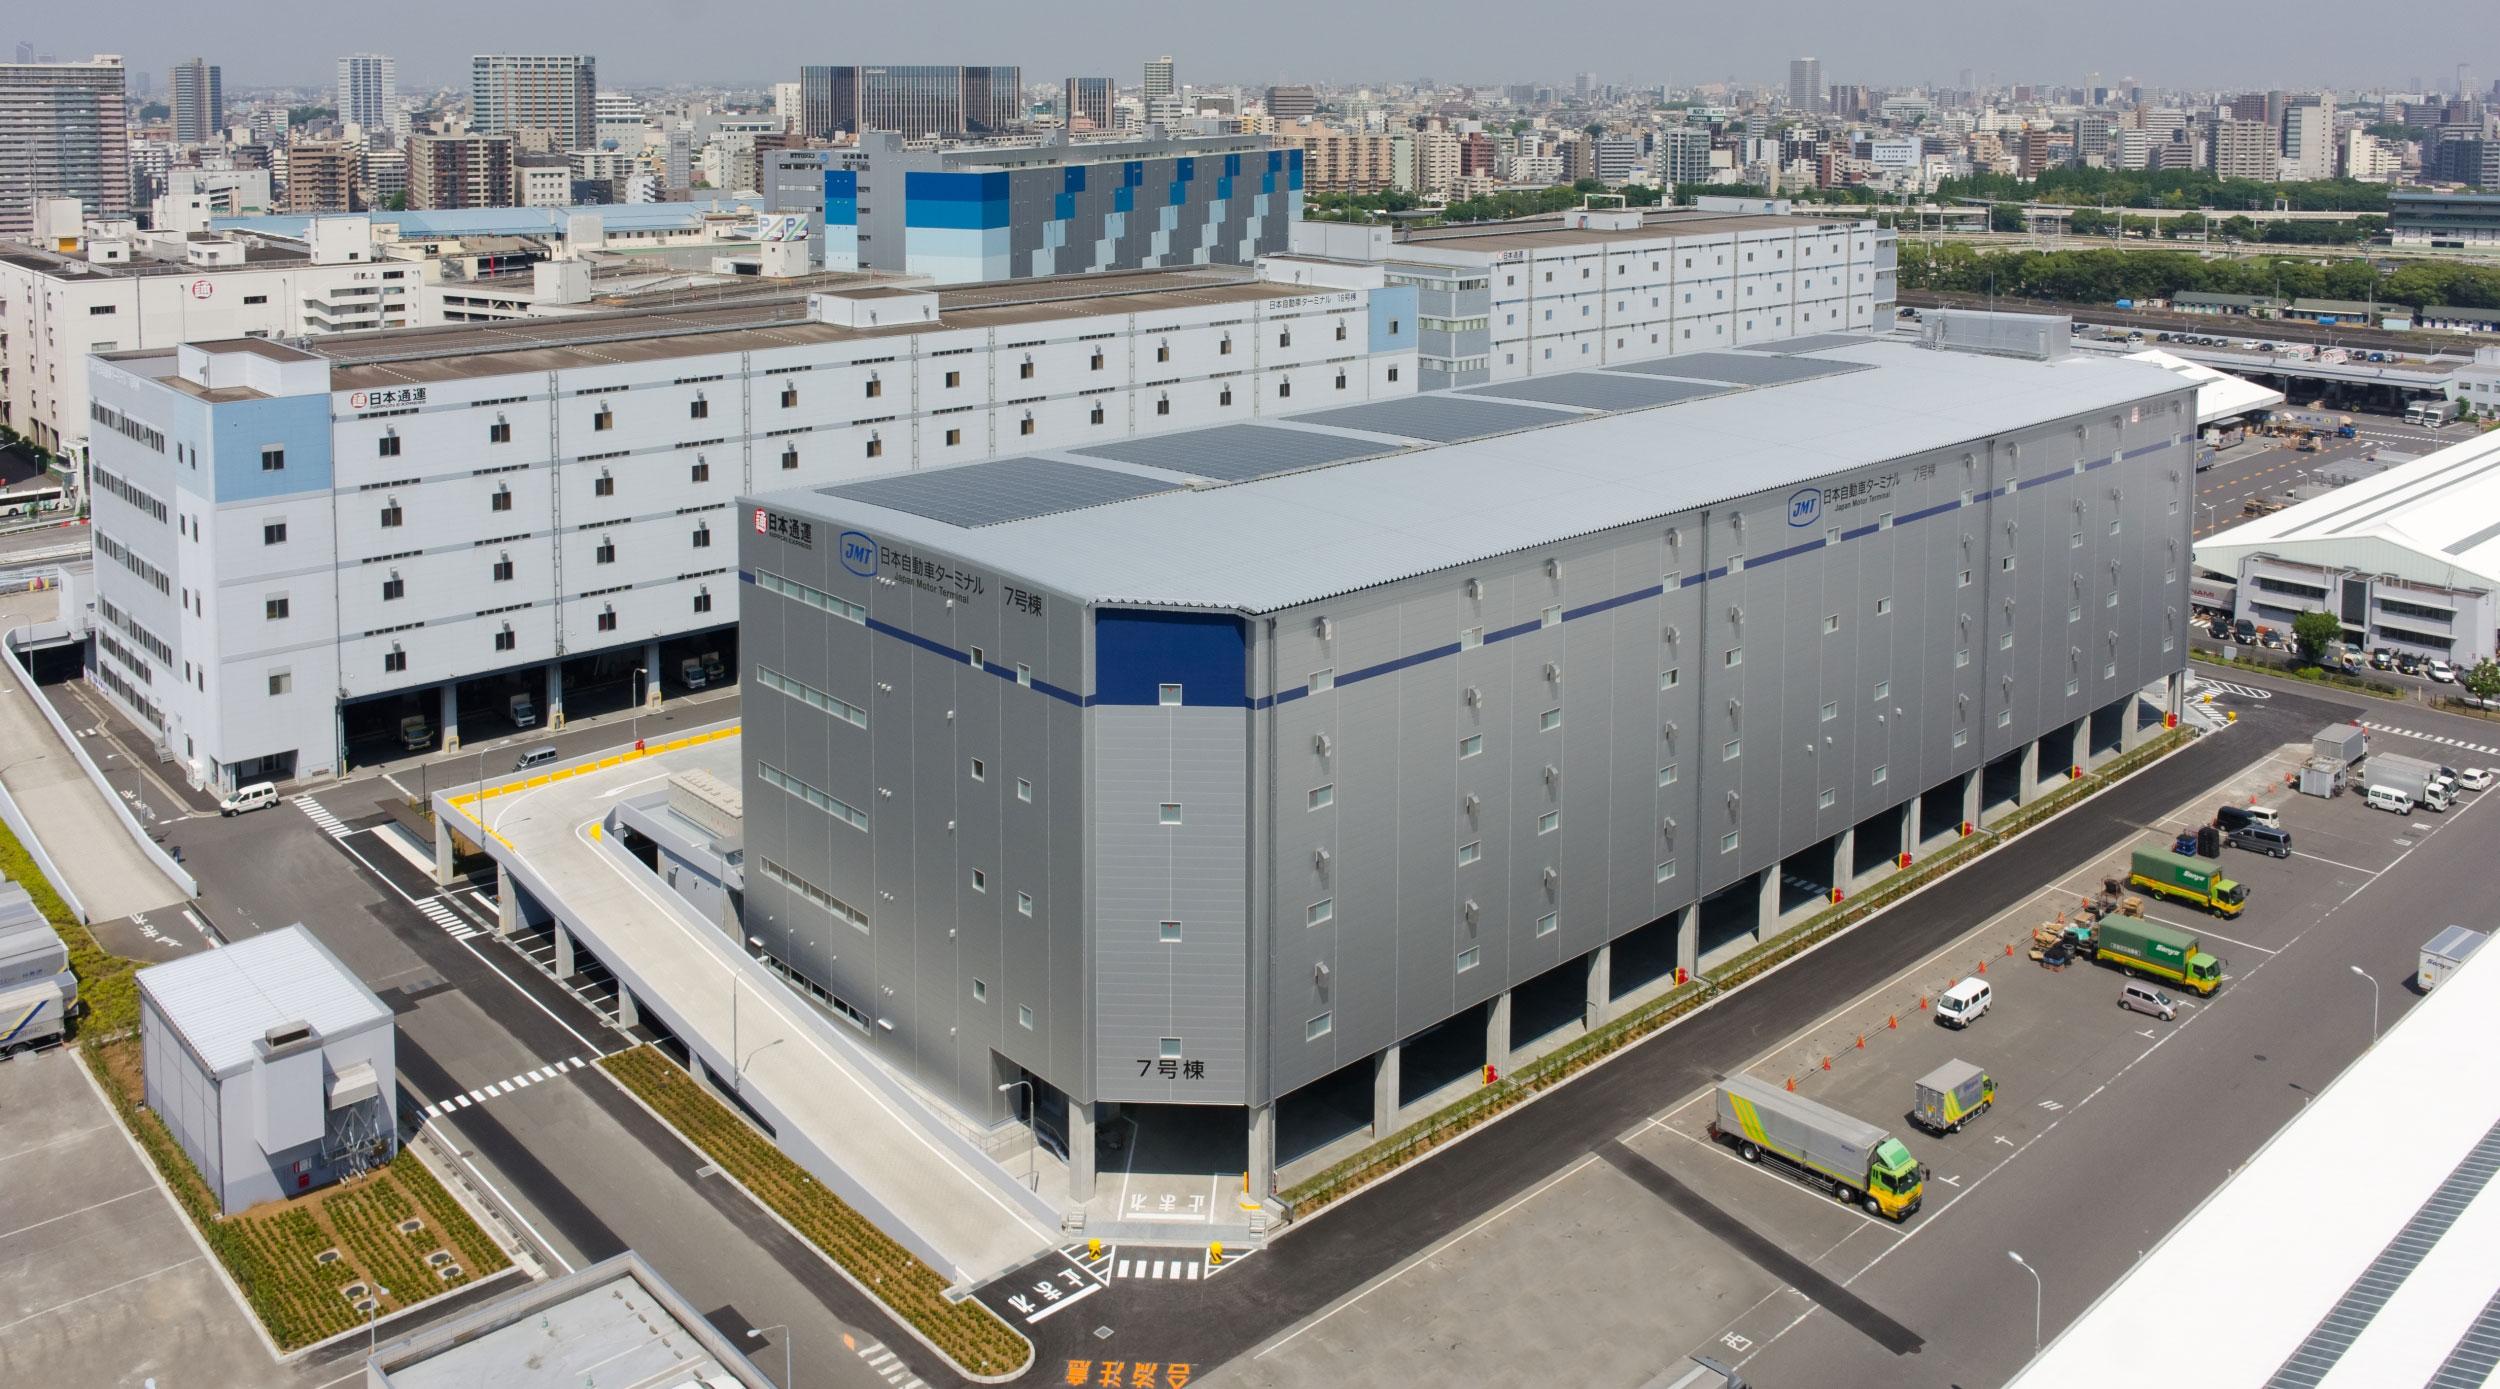 日本自動車ターミナル京浜トラックターミナル新7号棟 | 事例・実績 ...